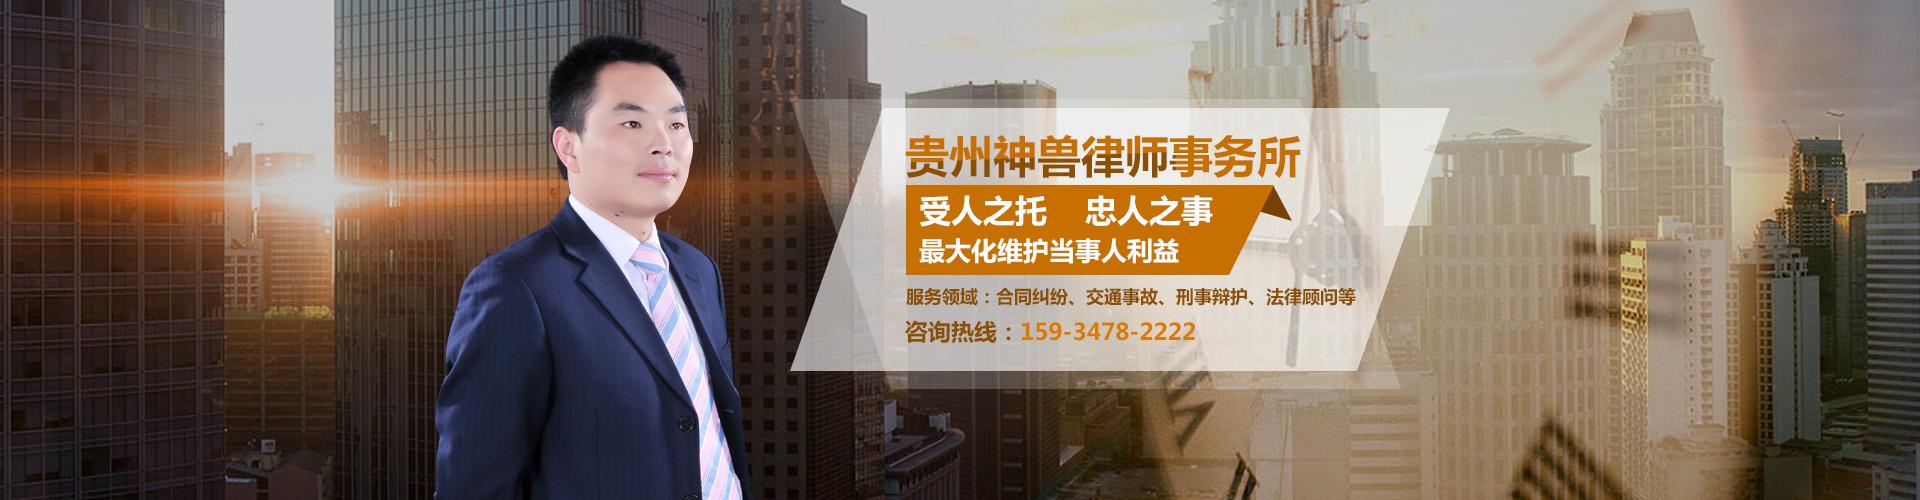 贵州顾圣国律师